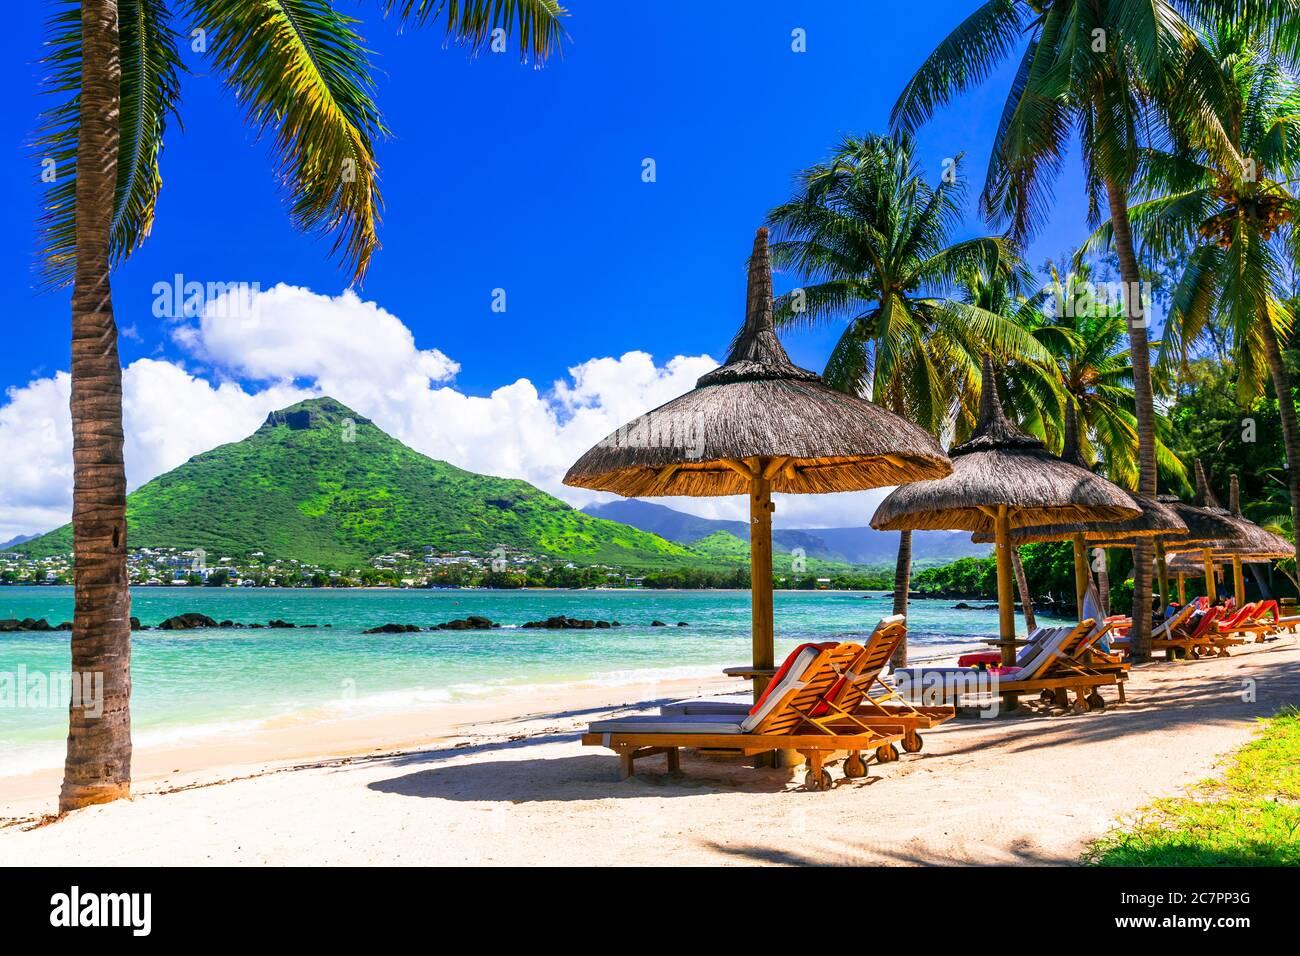 Vacanze rilassanti in paradiso tropicale. Isola Maurizio. Spiaggia di Flic en Flac, vista sul monte Tamarin Foto Stock